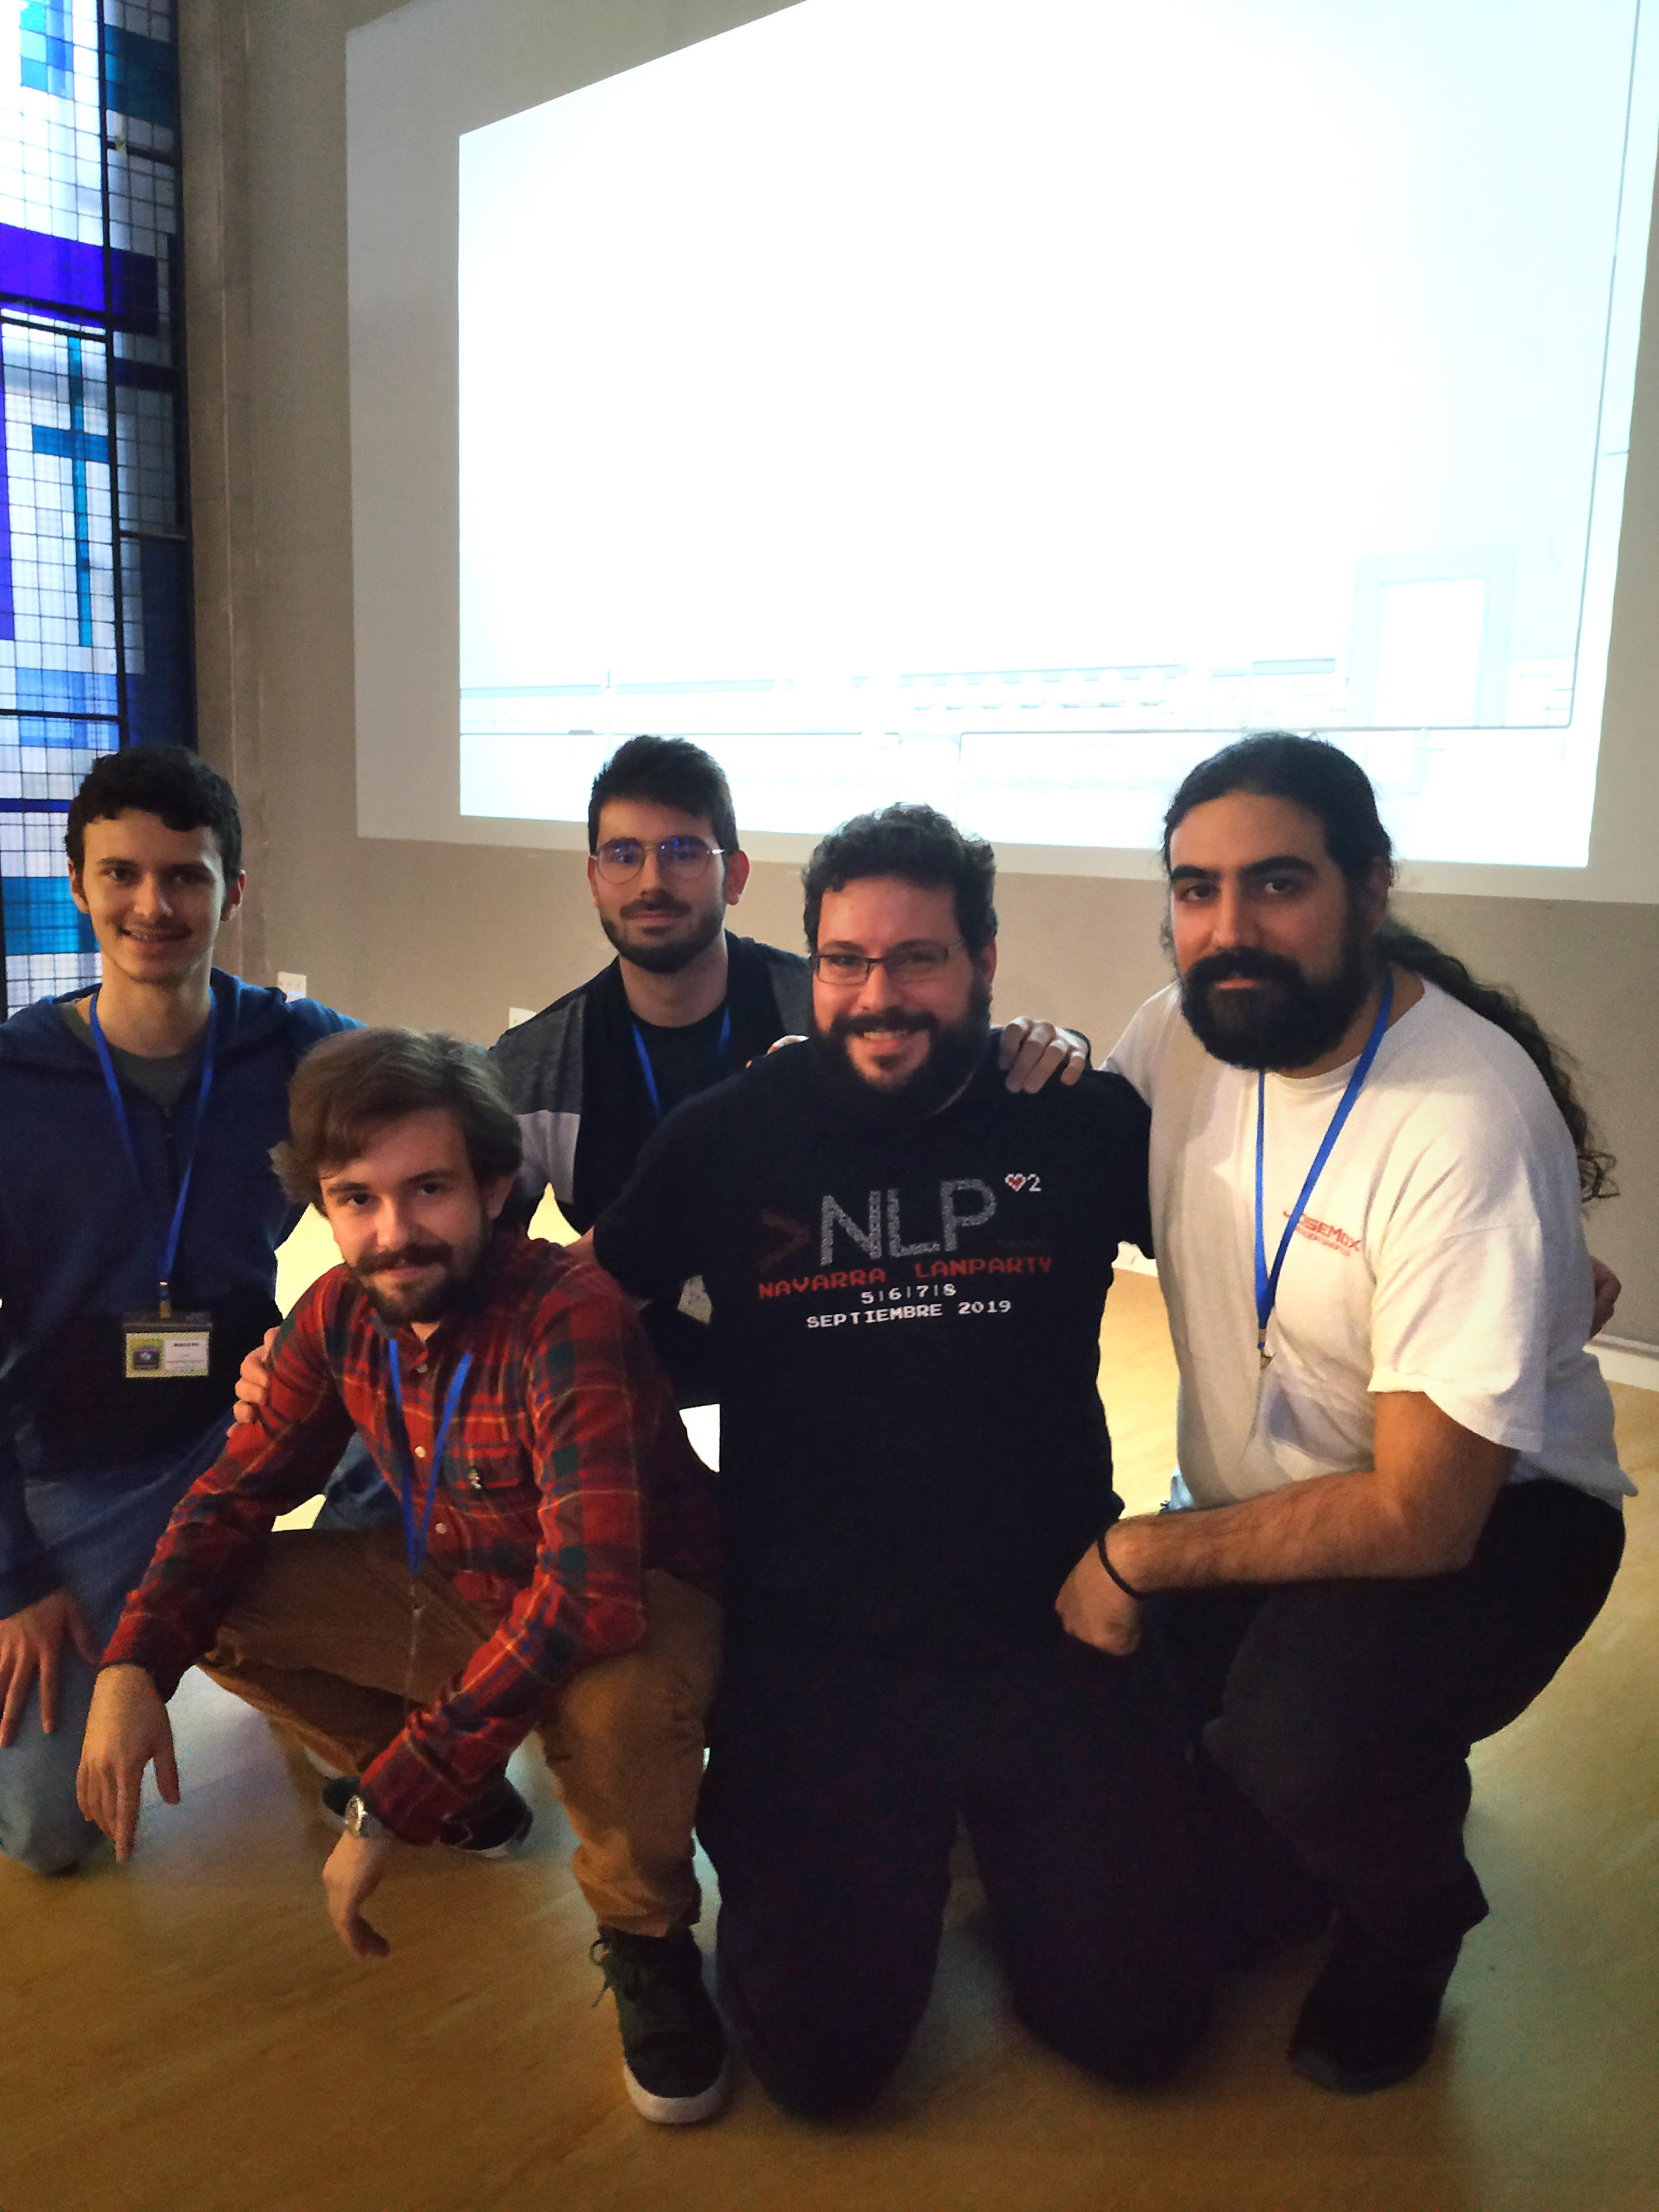 la global game jam reúne a más de 50 participantes en creanavarra